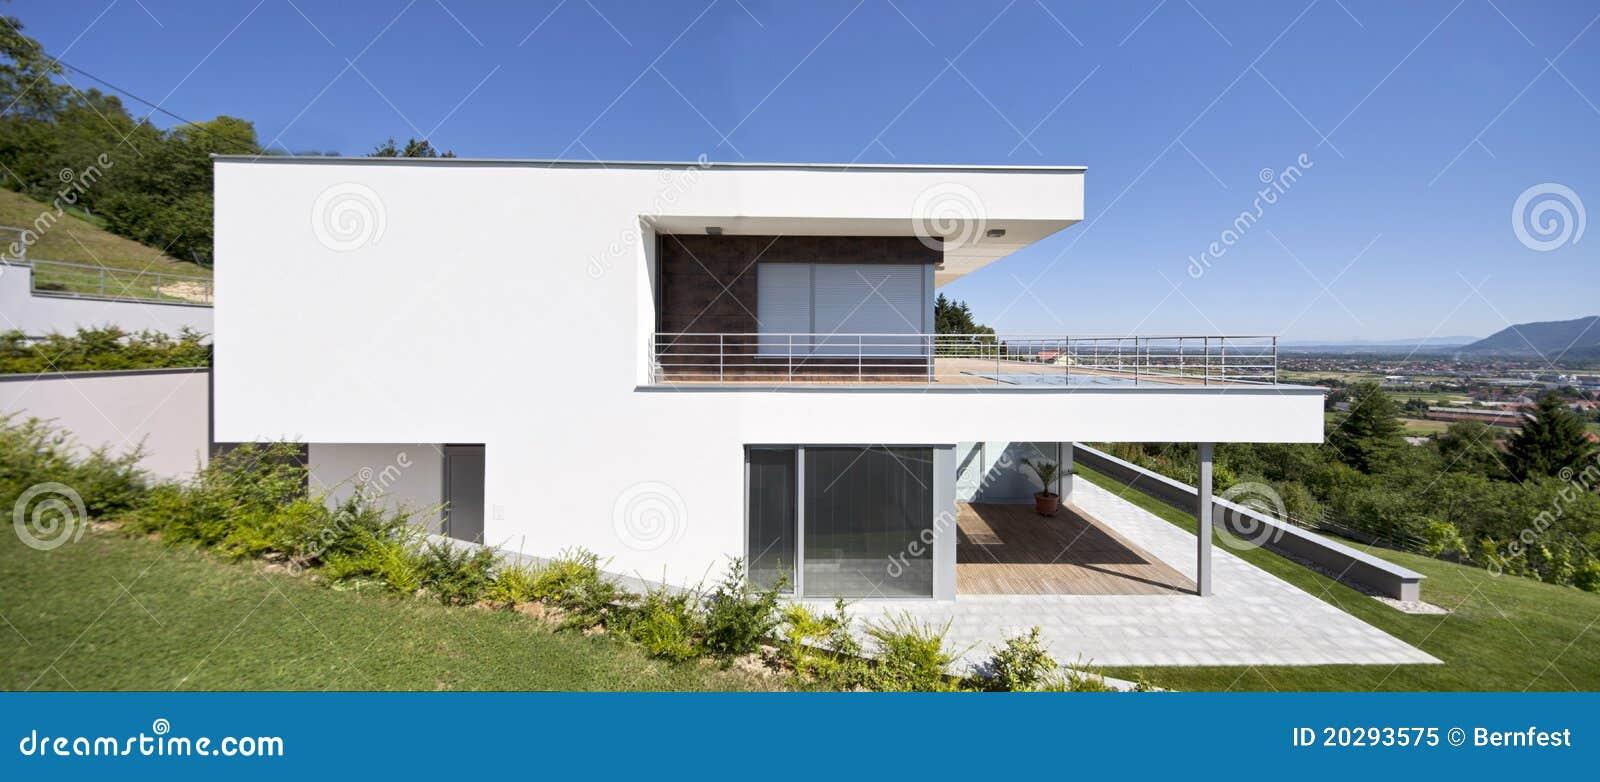 Mooi modern huis stock afbeelding afbeelding bestaande uit building 20293575 - Mooi huis ...